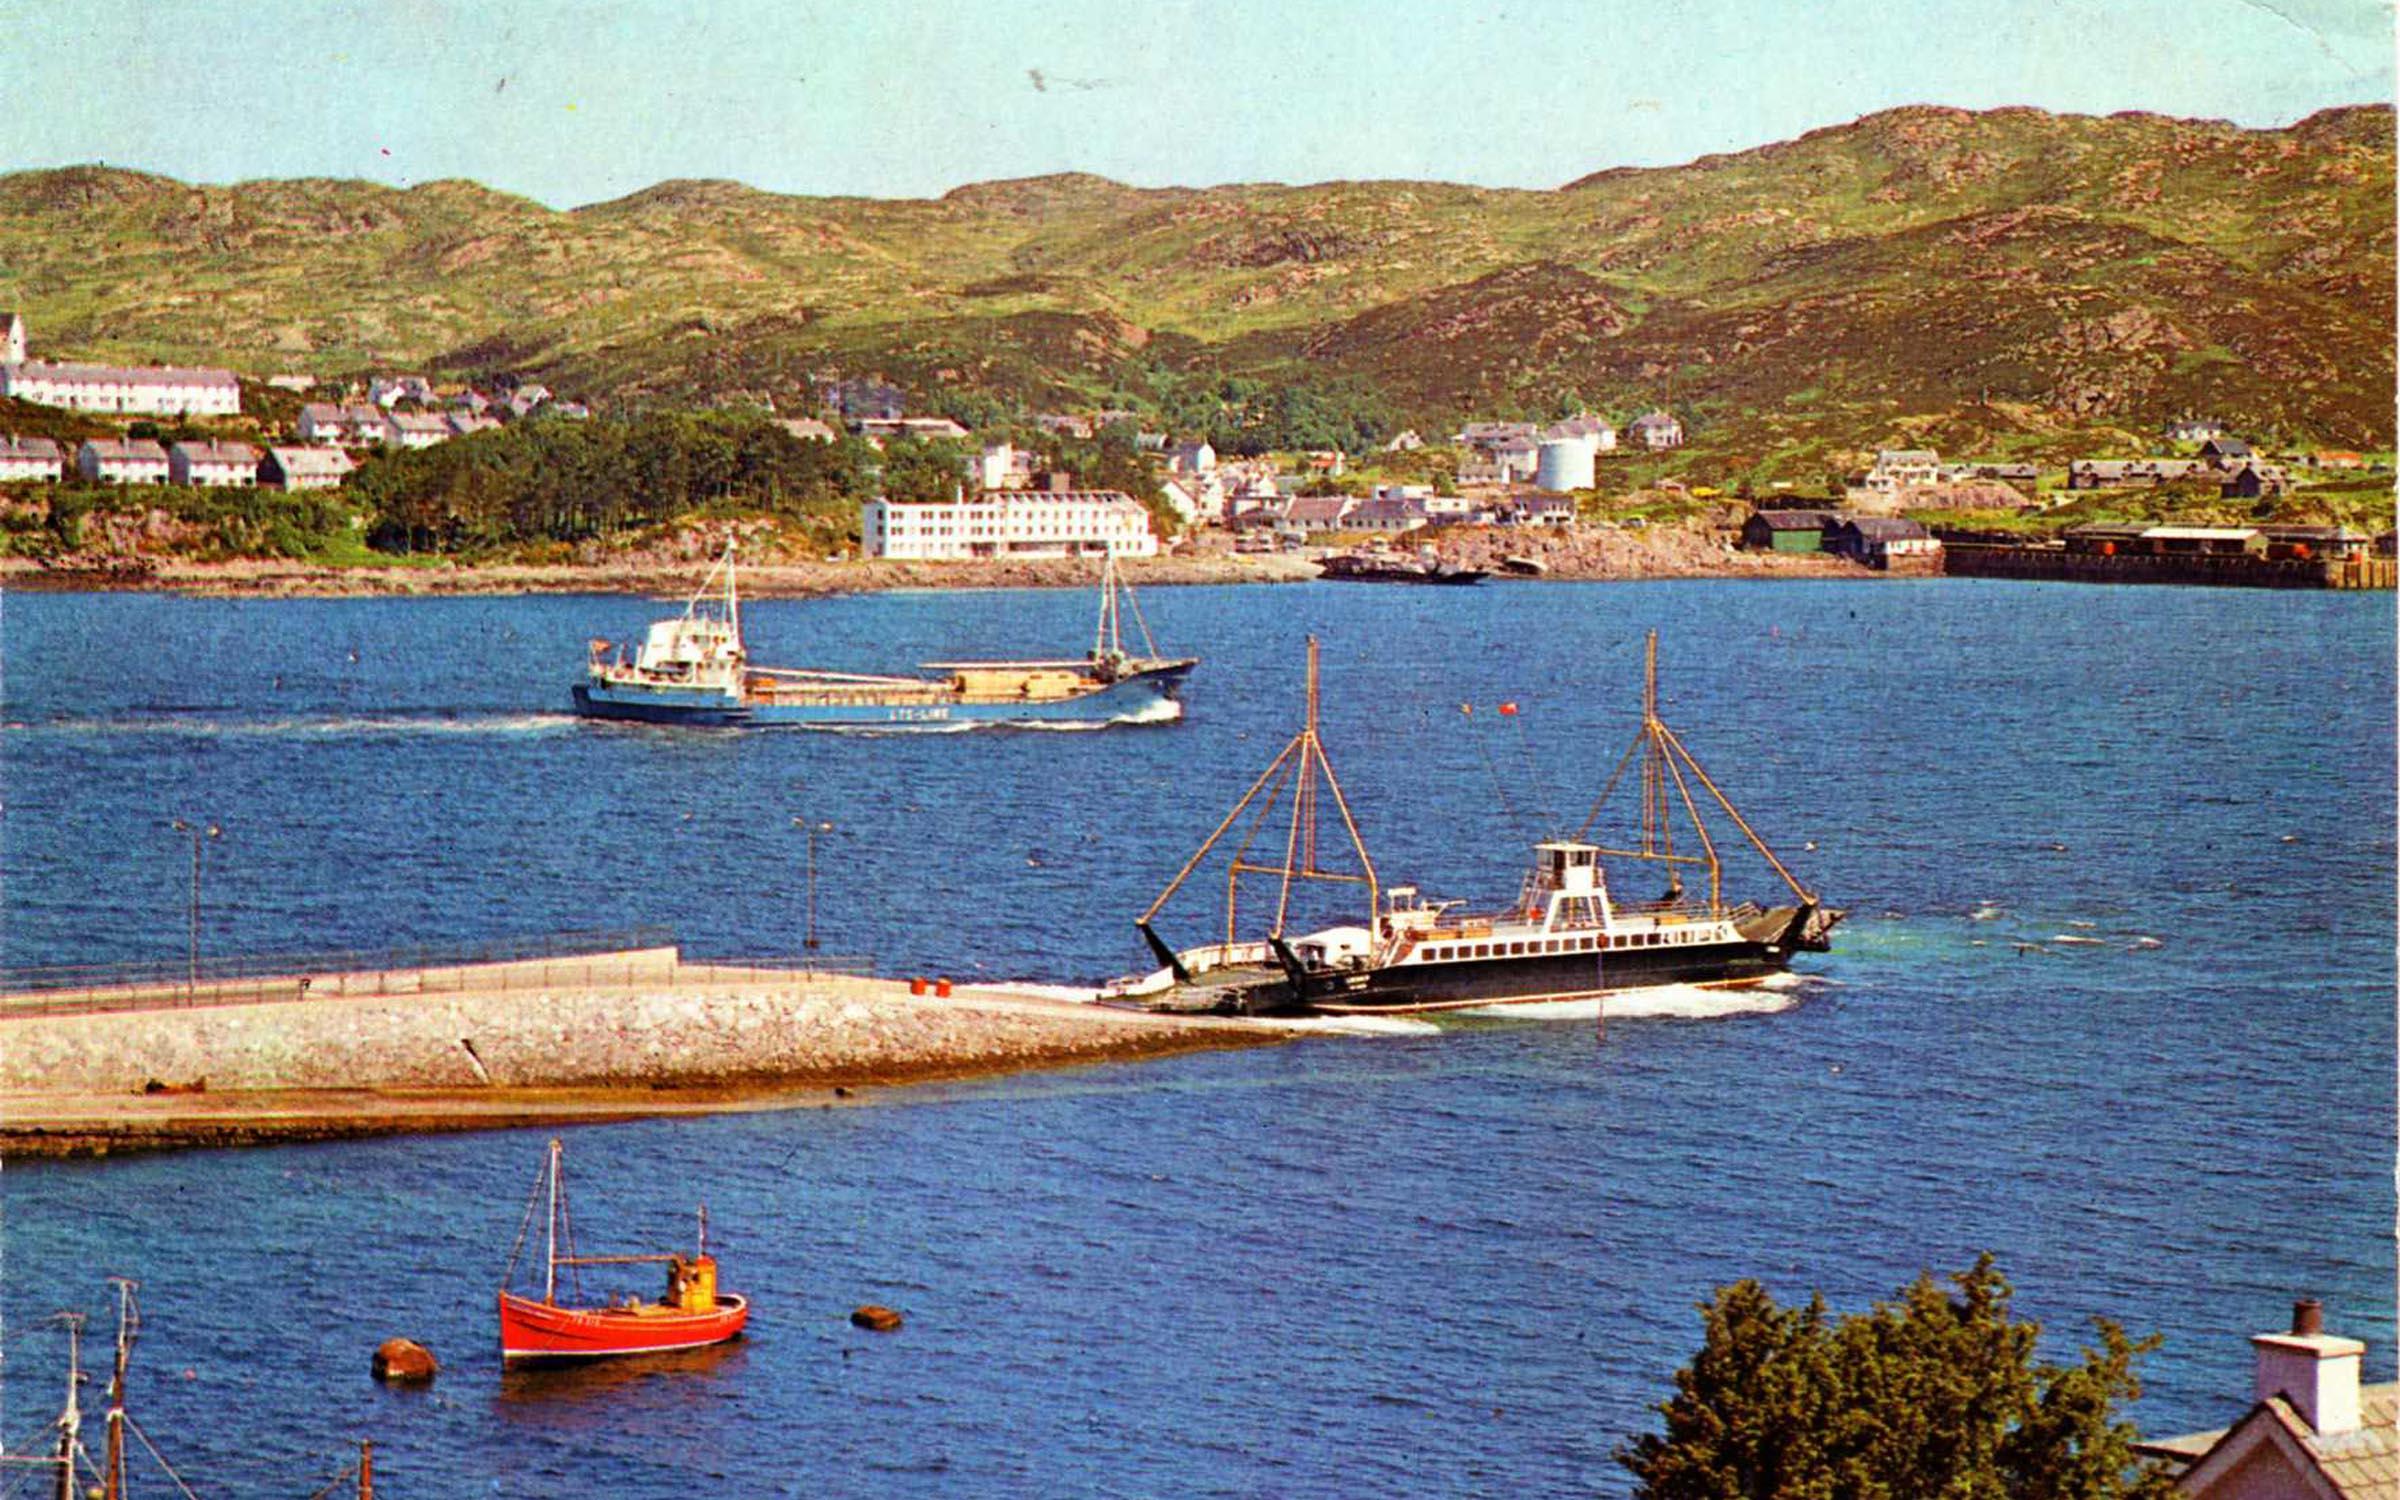 Lochalsh at Kyleakin